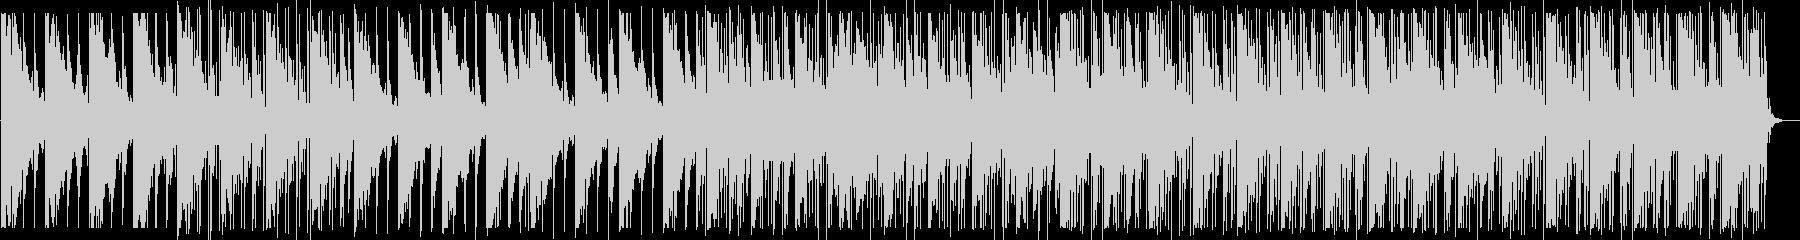 とろけそうなハウス_No641_2の未再生の波形